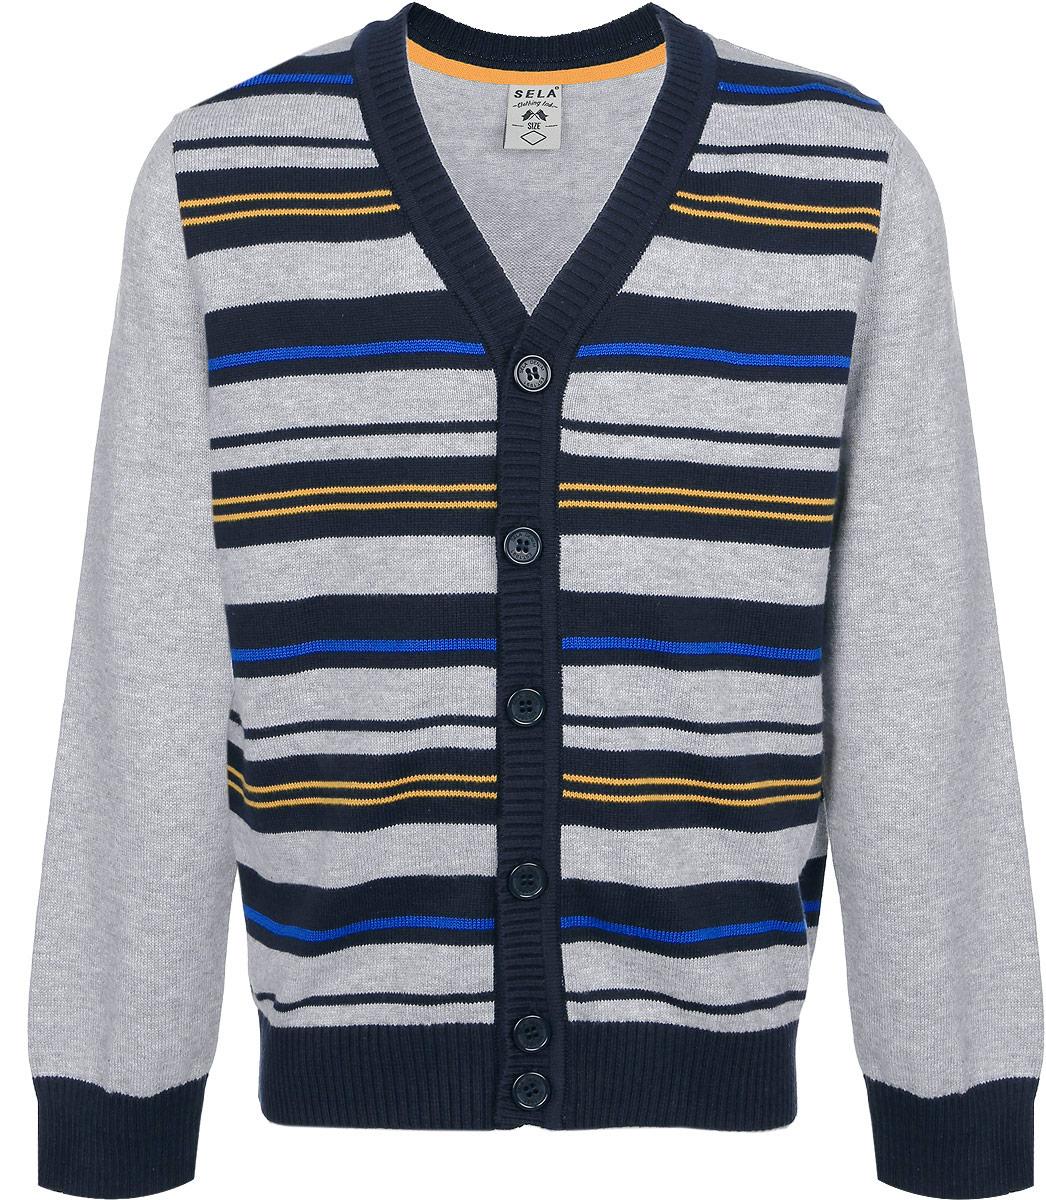 купить Кардиган для мальчика Sela, цвет: серый меланж. CN-714/144-6322. Размер 116, 6 лет дешево